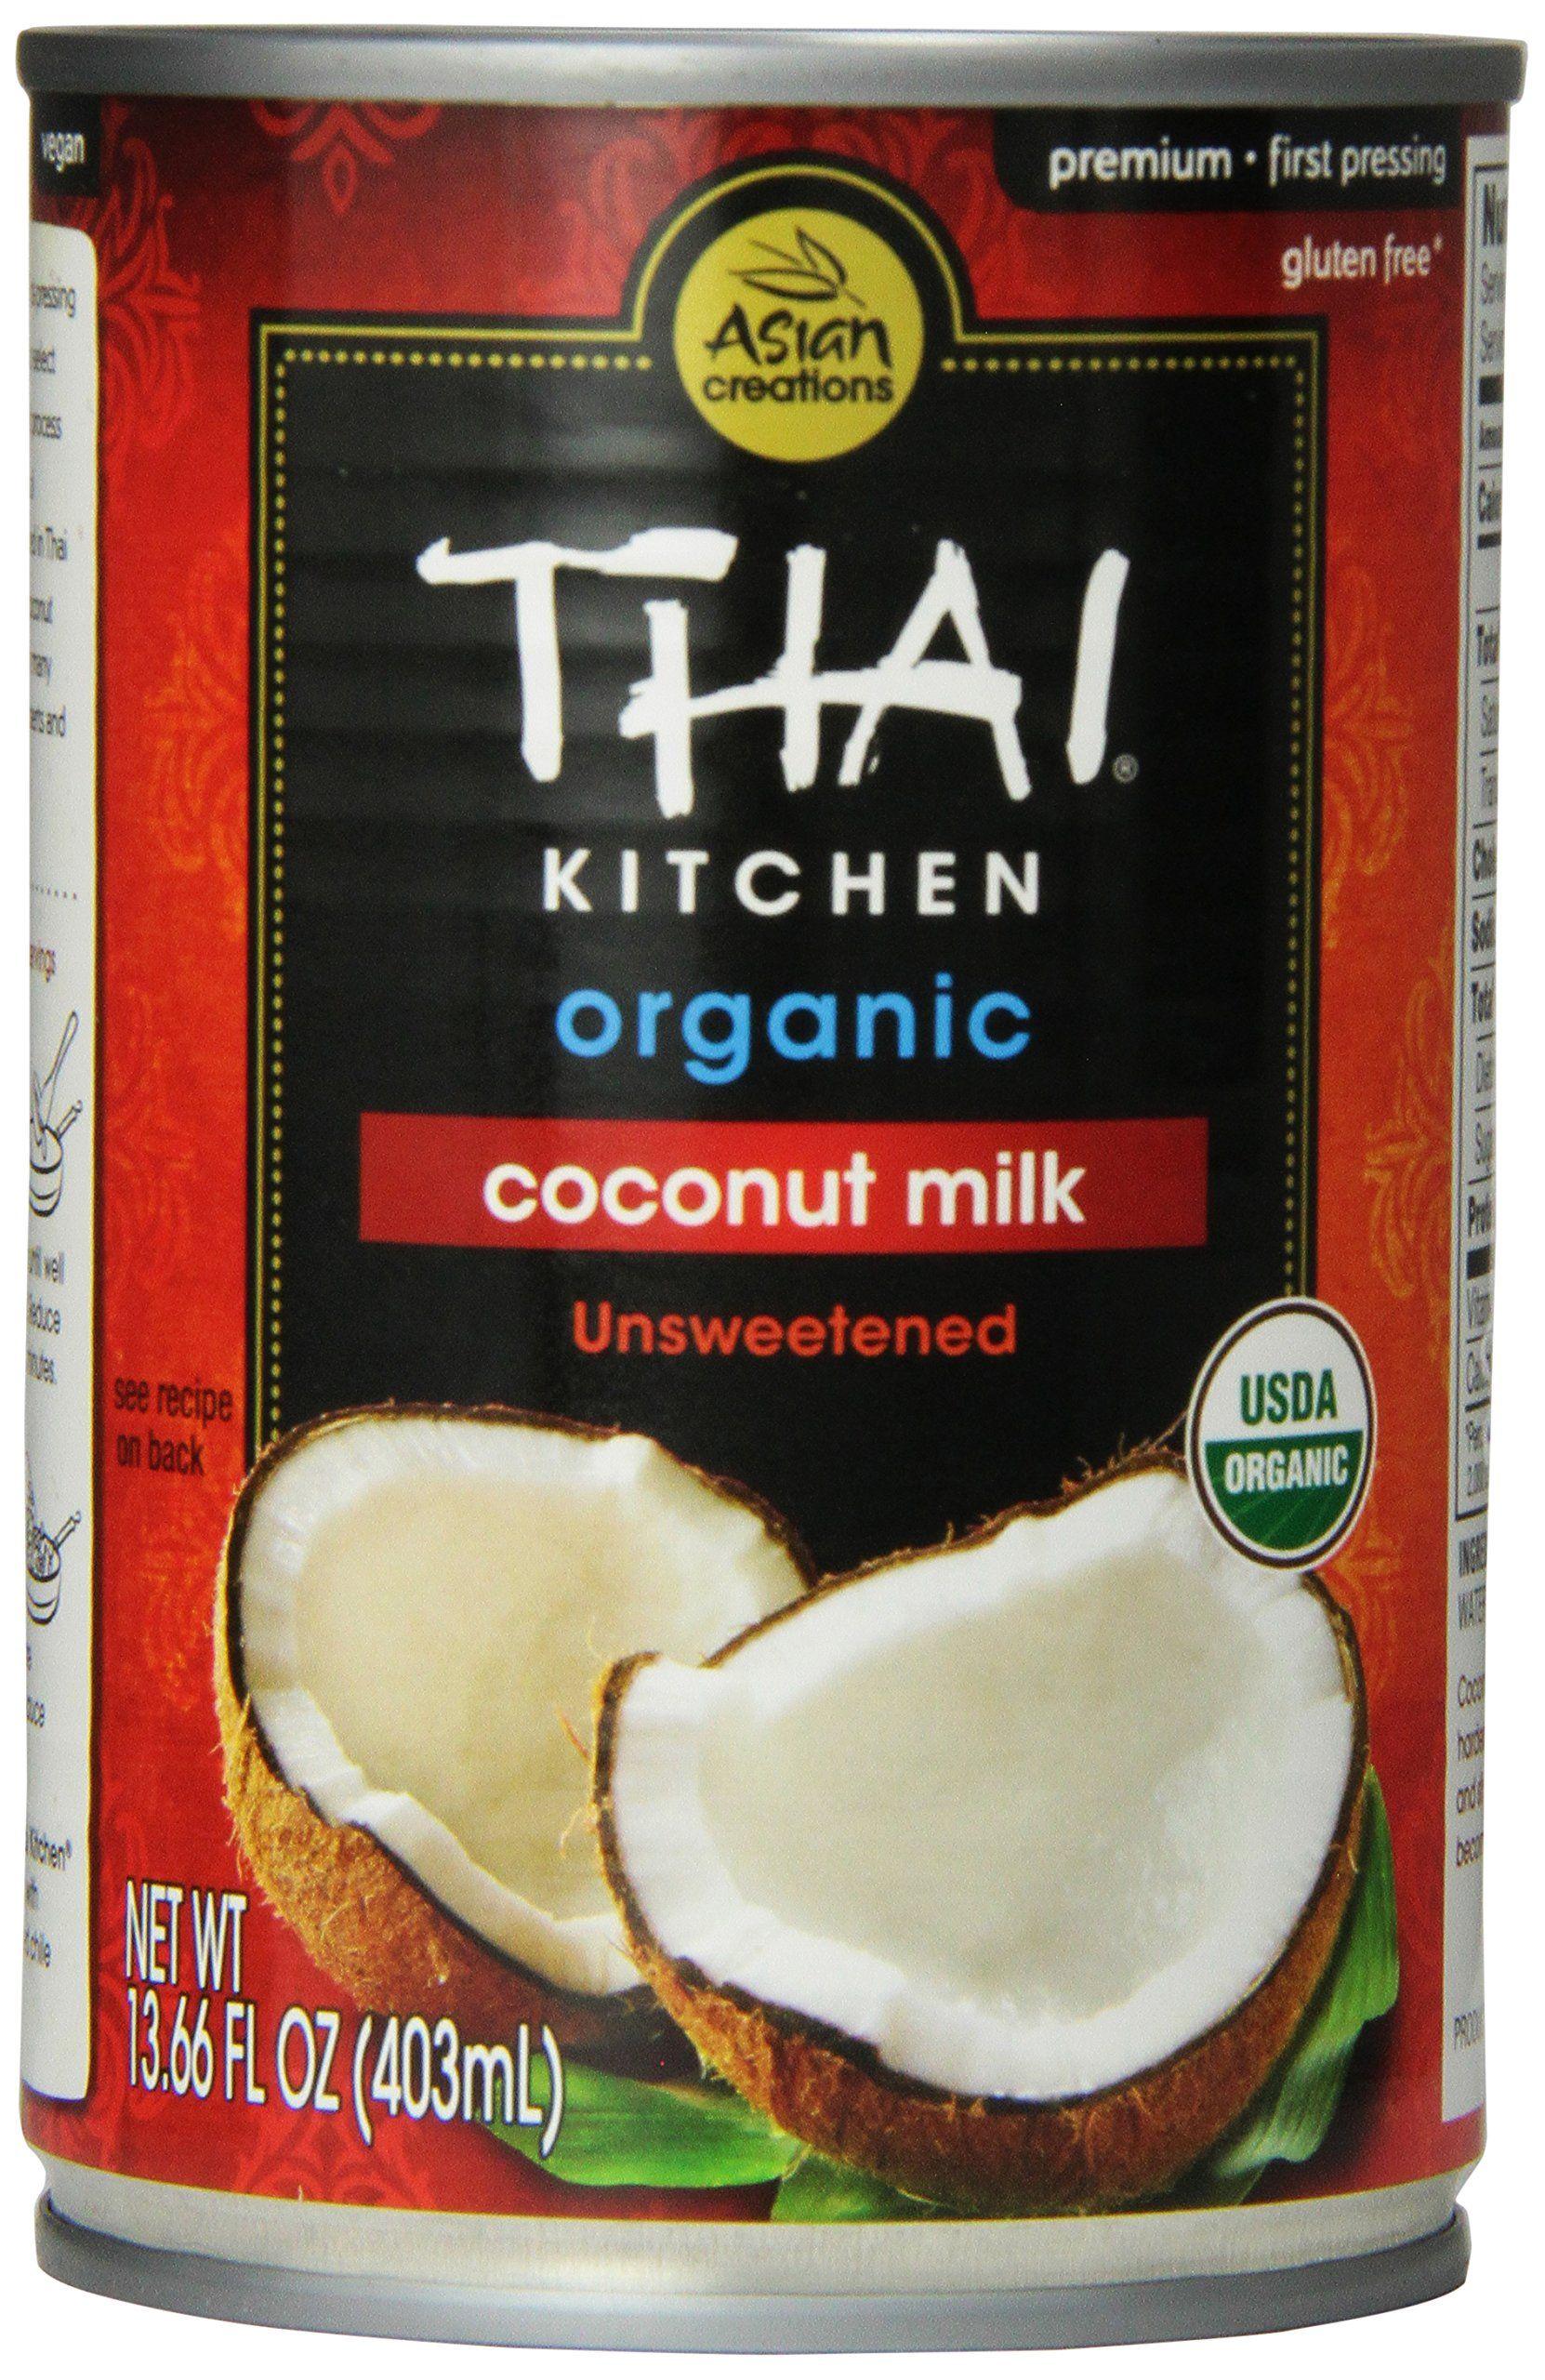 Peachy Thai Kitchen Organic Coconut Milk Premium First Pressing Interior Design Ideas Oxytryabchikinfo